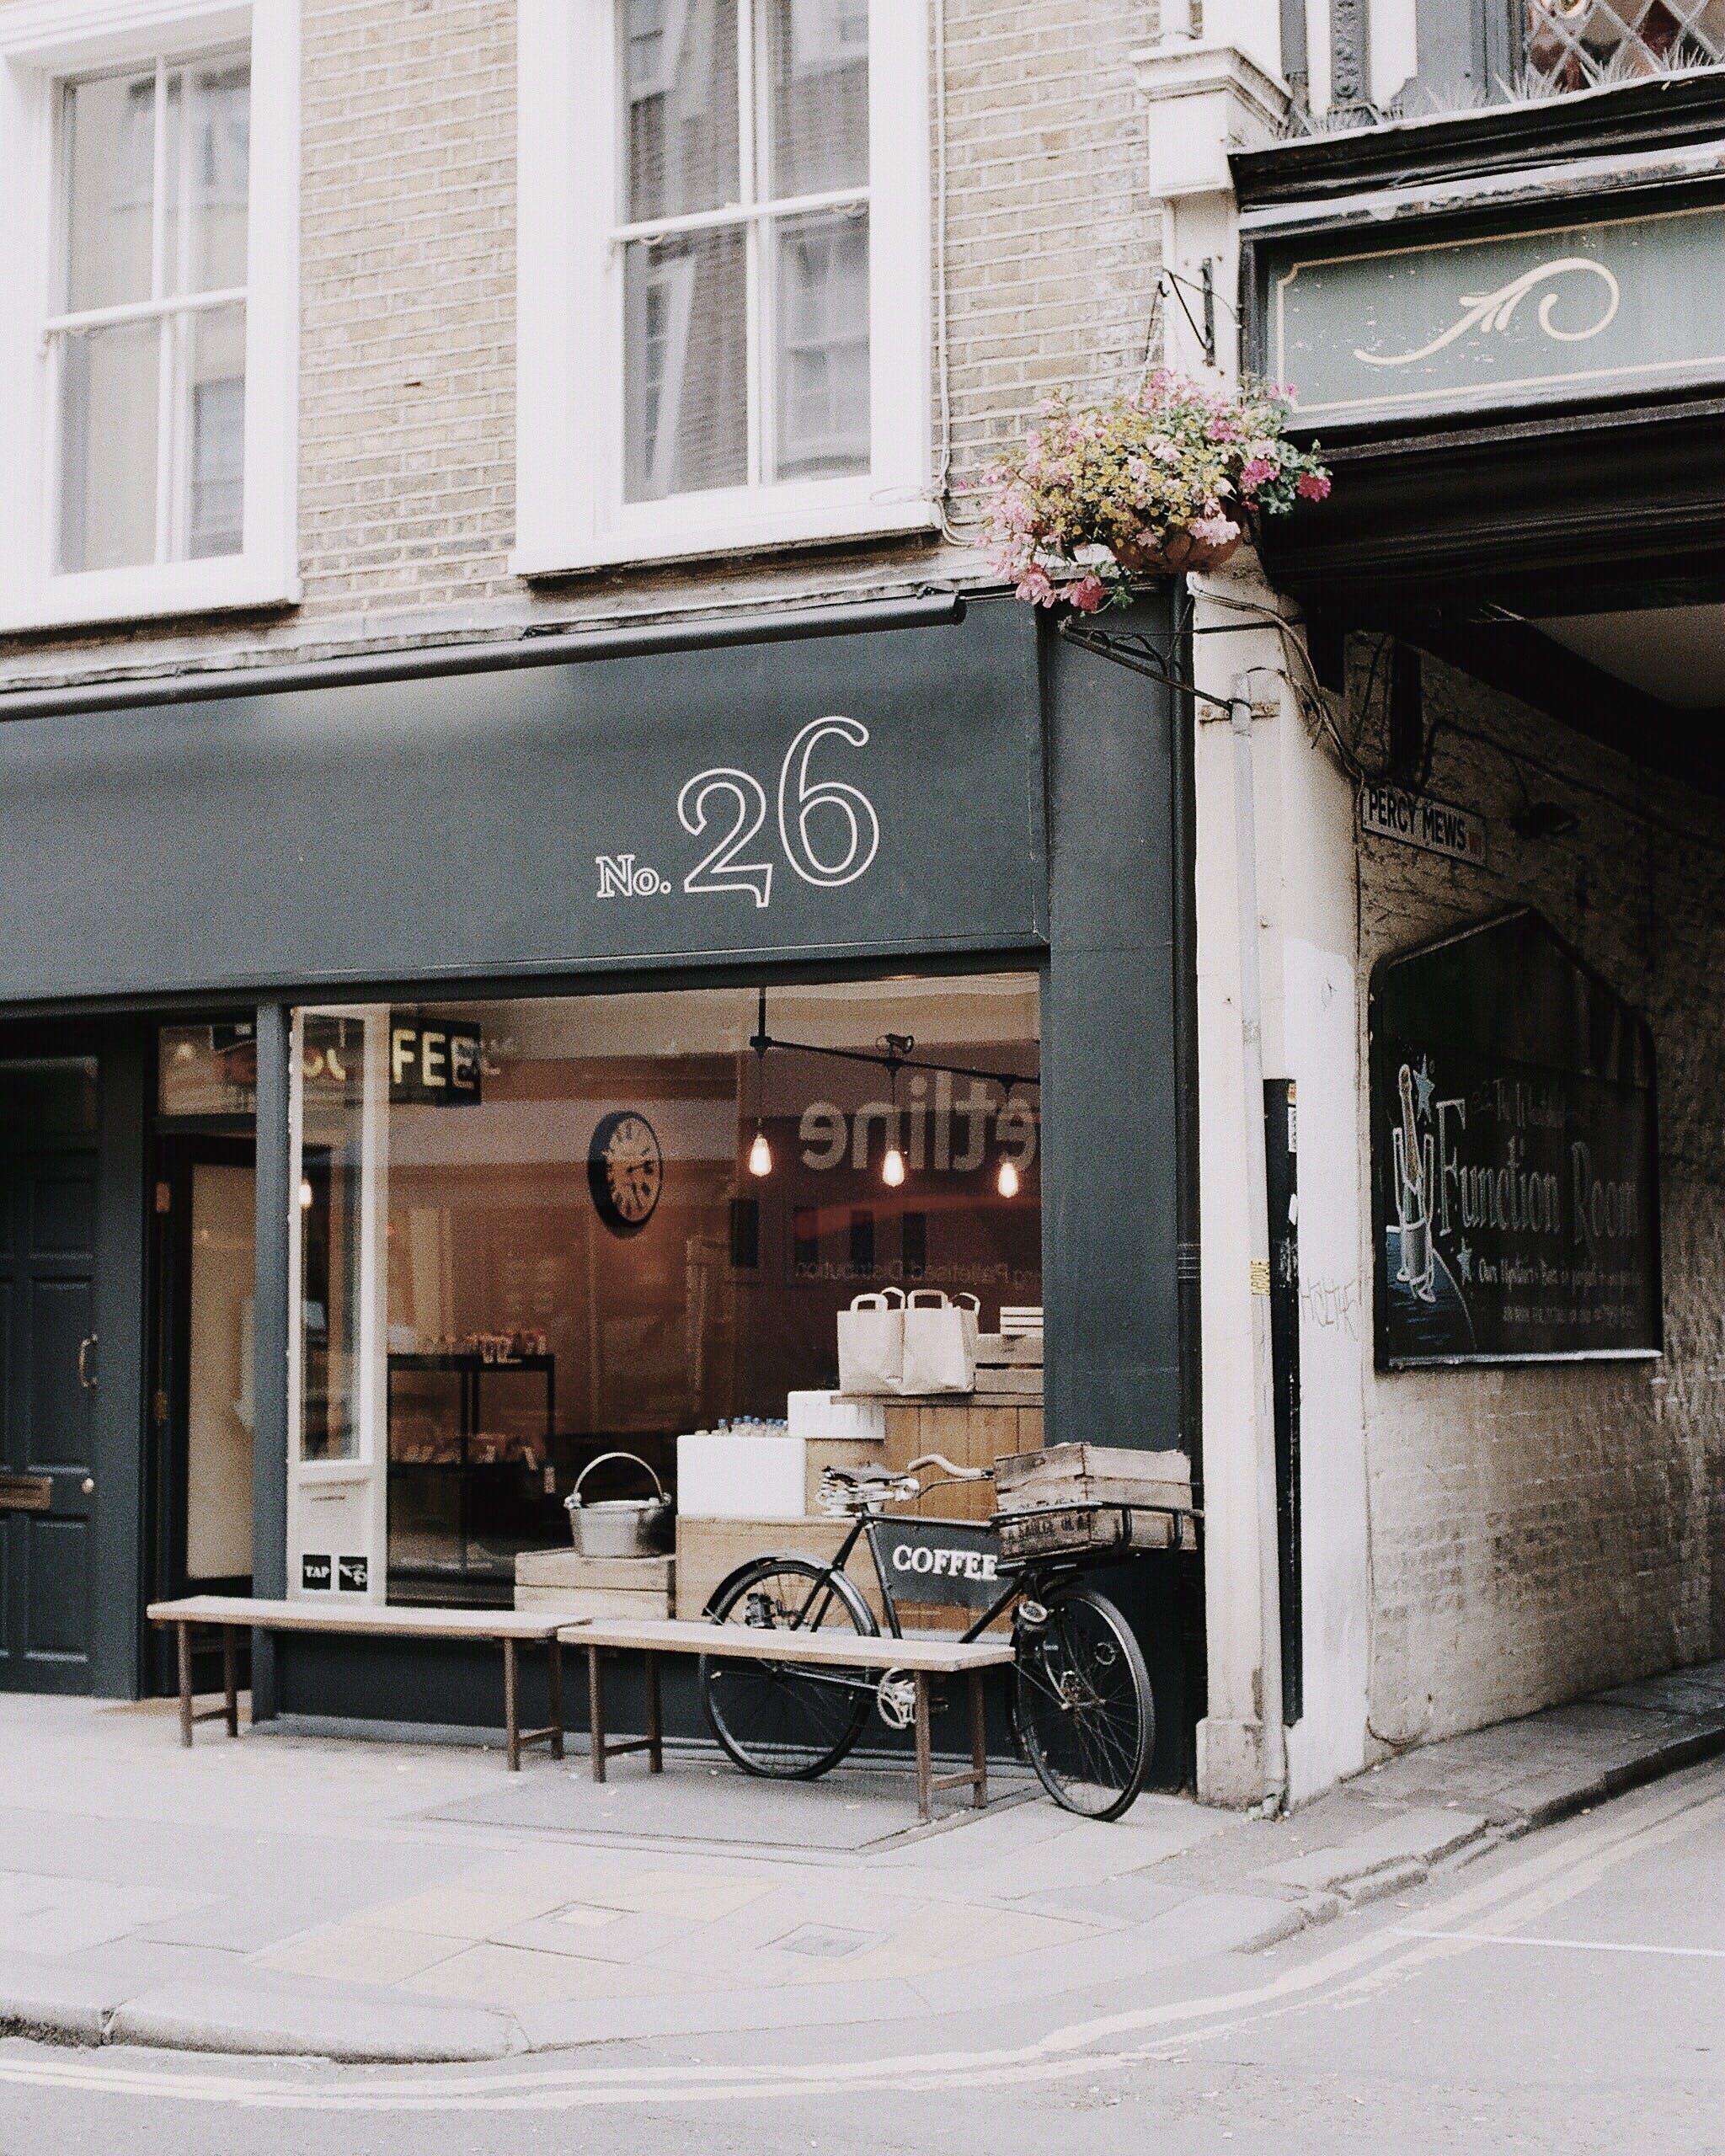 No. 26 Building